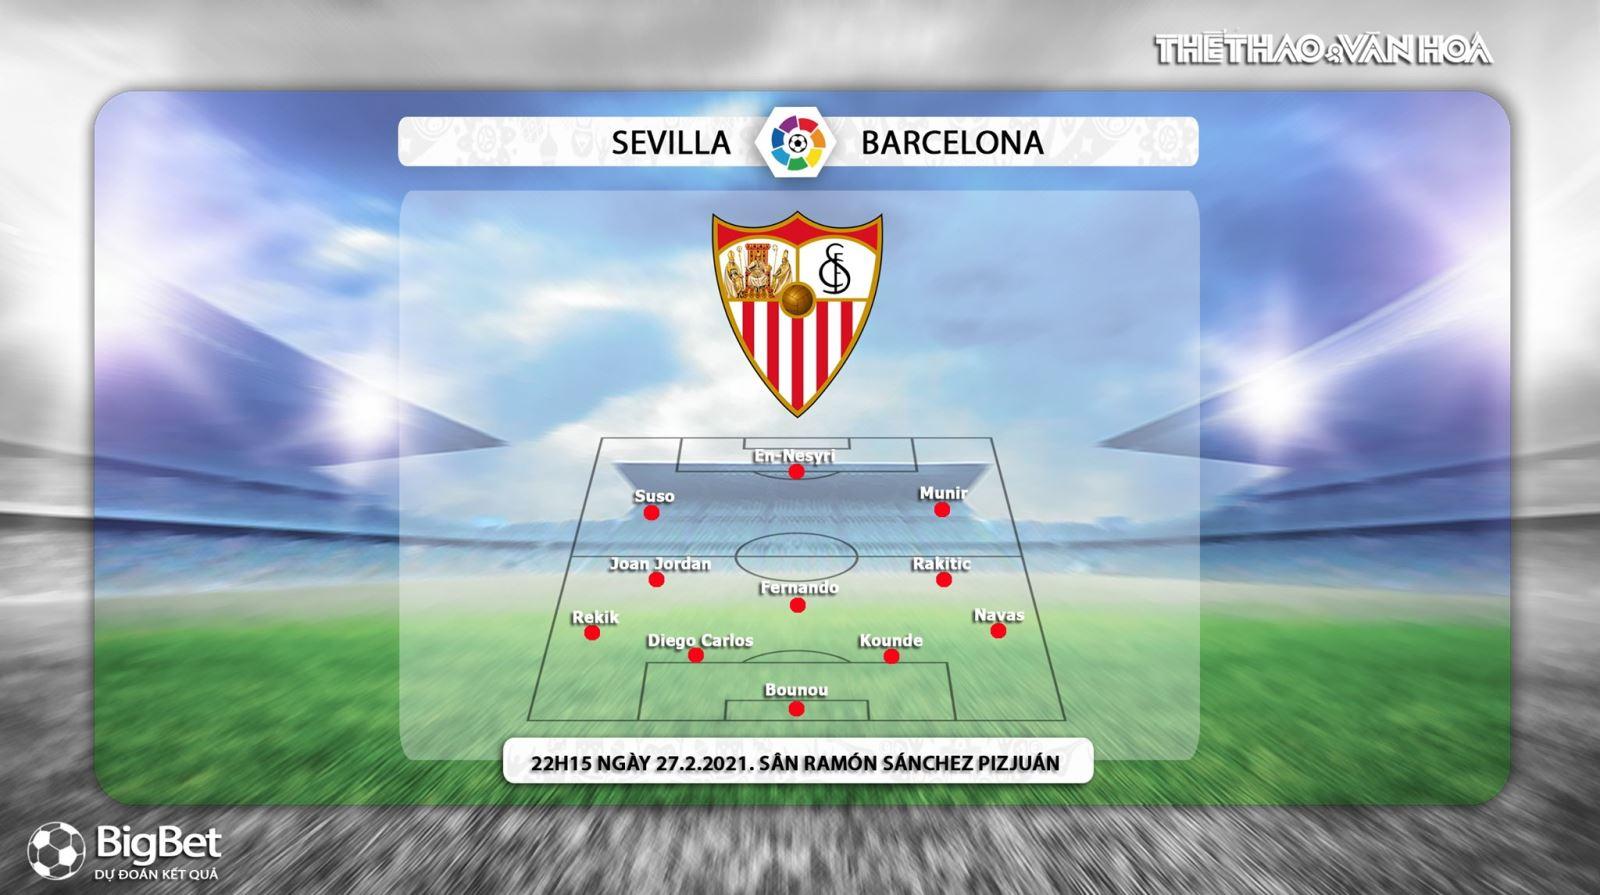 Keo nha cai, Kèo nhà cái,Sevilla vs Barcelona, BĐTV trực tiếp bóng đá Tây Ban Nha, xem trực tiếp bóng đá La Liga, truc tiep bong da Tay Ban Nha, kèo Sevilla vs Barcelona